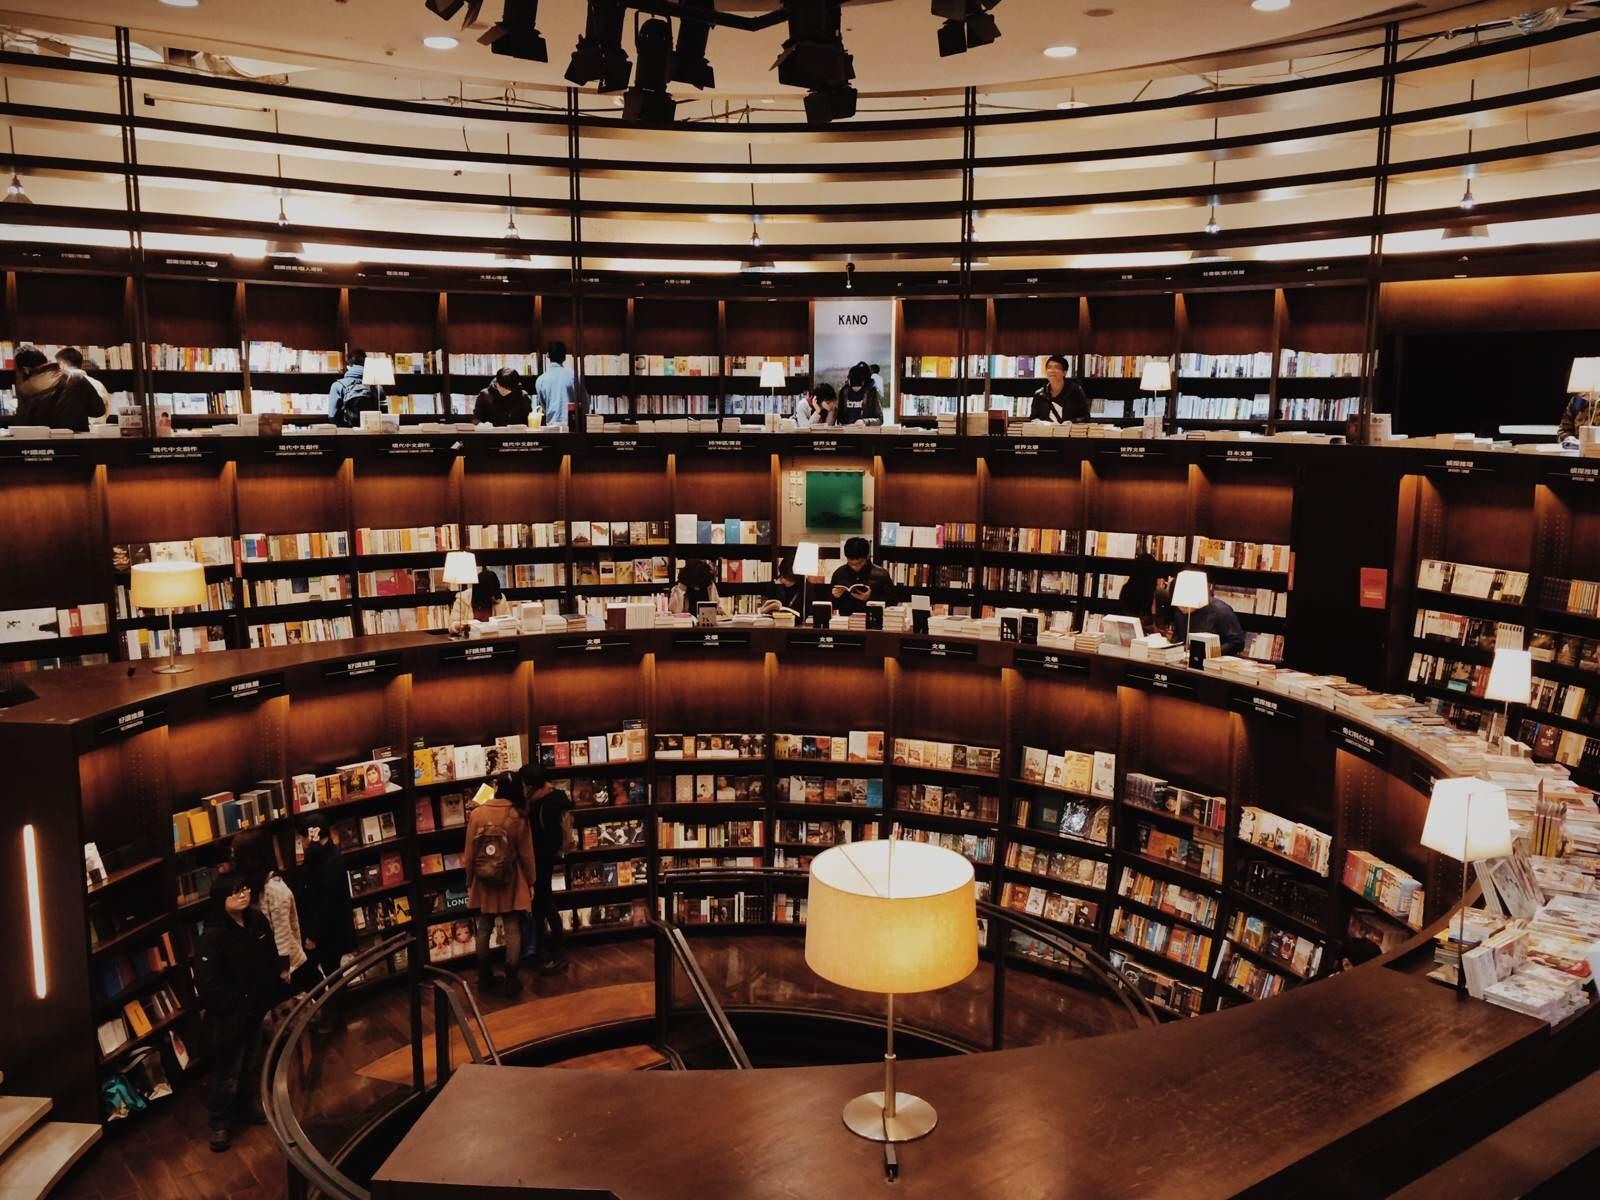 台湾诚品书店网址_吴清友的精神遗产:诚品书店的阅读之美